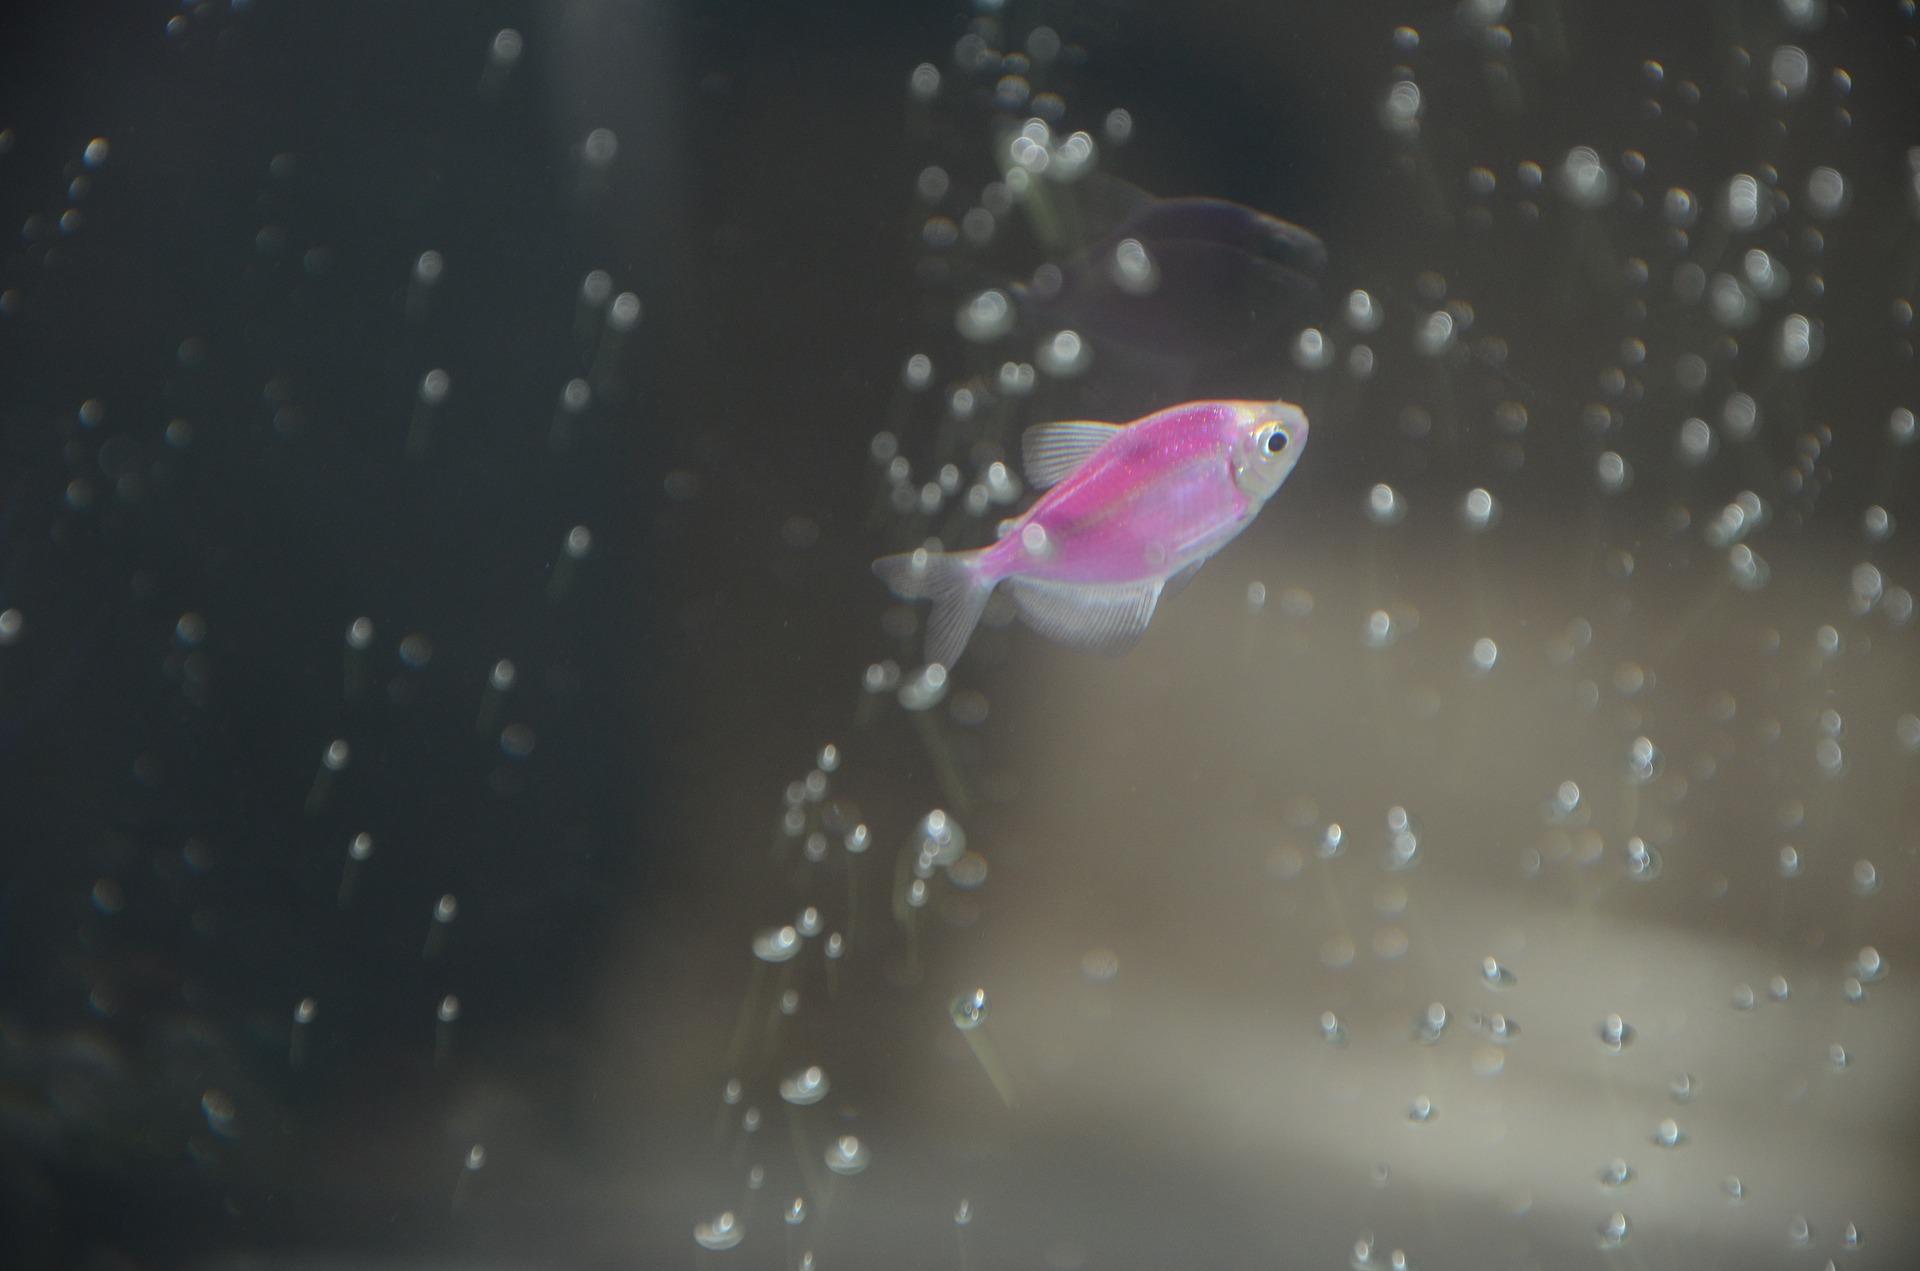 Mętna woda w akwarium to często spotykany problem spowodowany głównie namnażaniem pierwotniaków lub zielonych glonów.